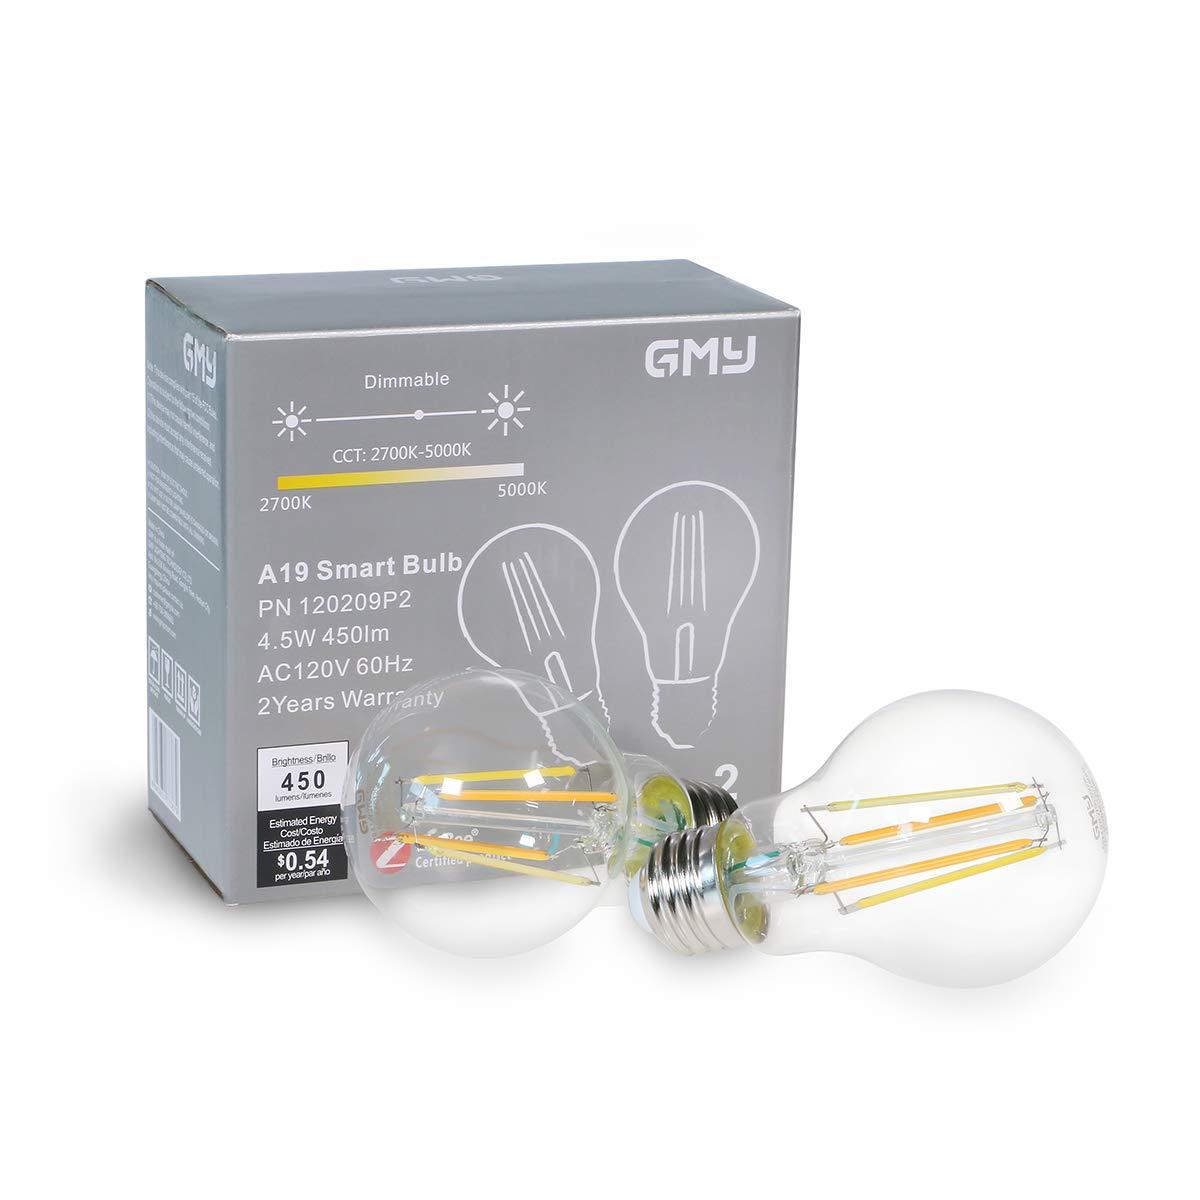 調光機能付きLEDスマート電球 Alexa(エコープラグのみ) 4.5W ハブ不要 GMY A19 LED電球 40ワット相当 2700-5000K 2個パック B07KG4C46J